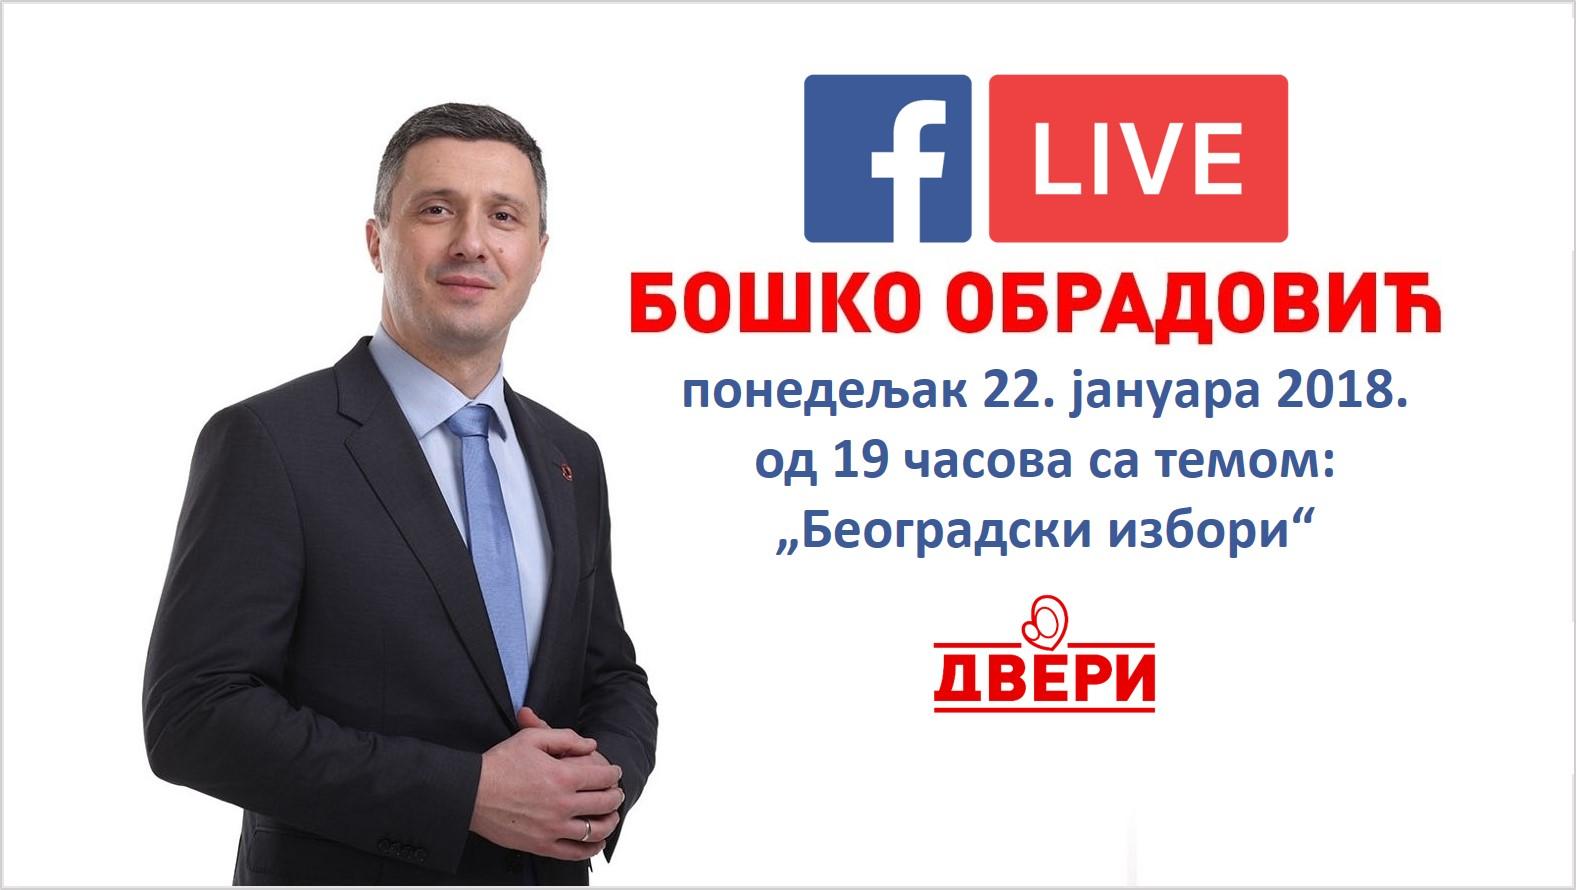 """Boško Obradović uživo na FB Dveri u ponedeljak 22. januara od 19č, tema """"Koalicija sa Dosta je bilo"""""""